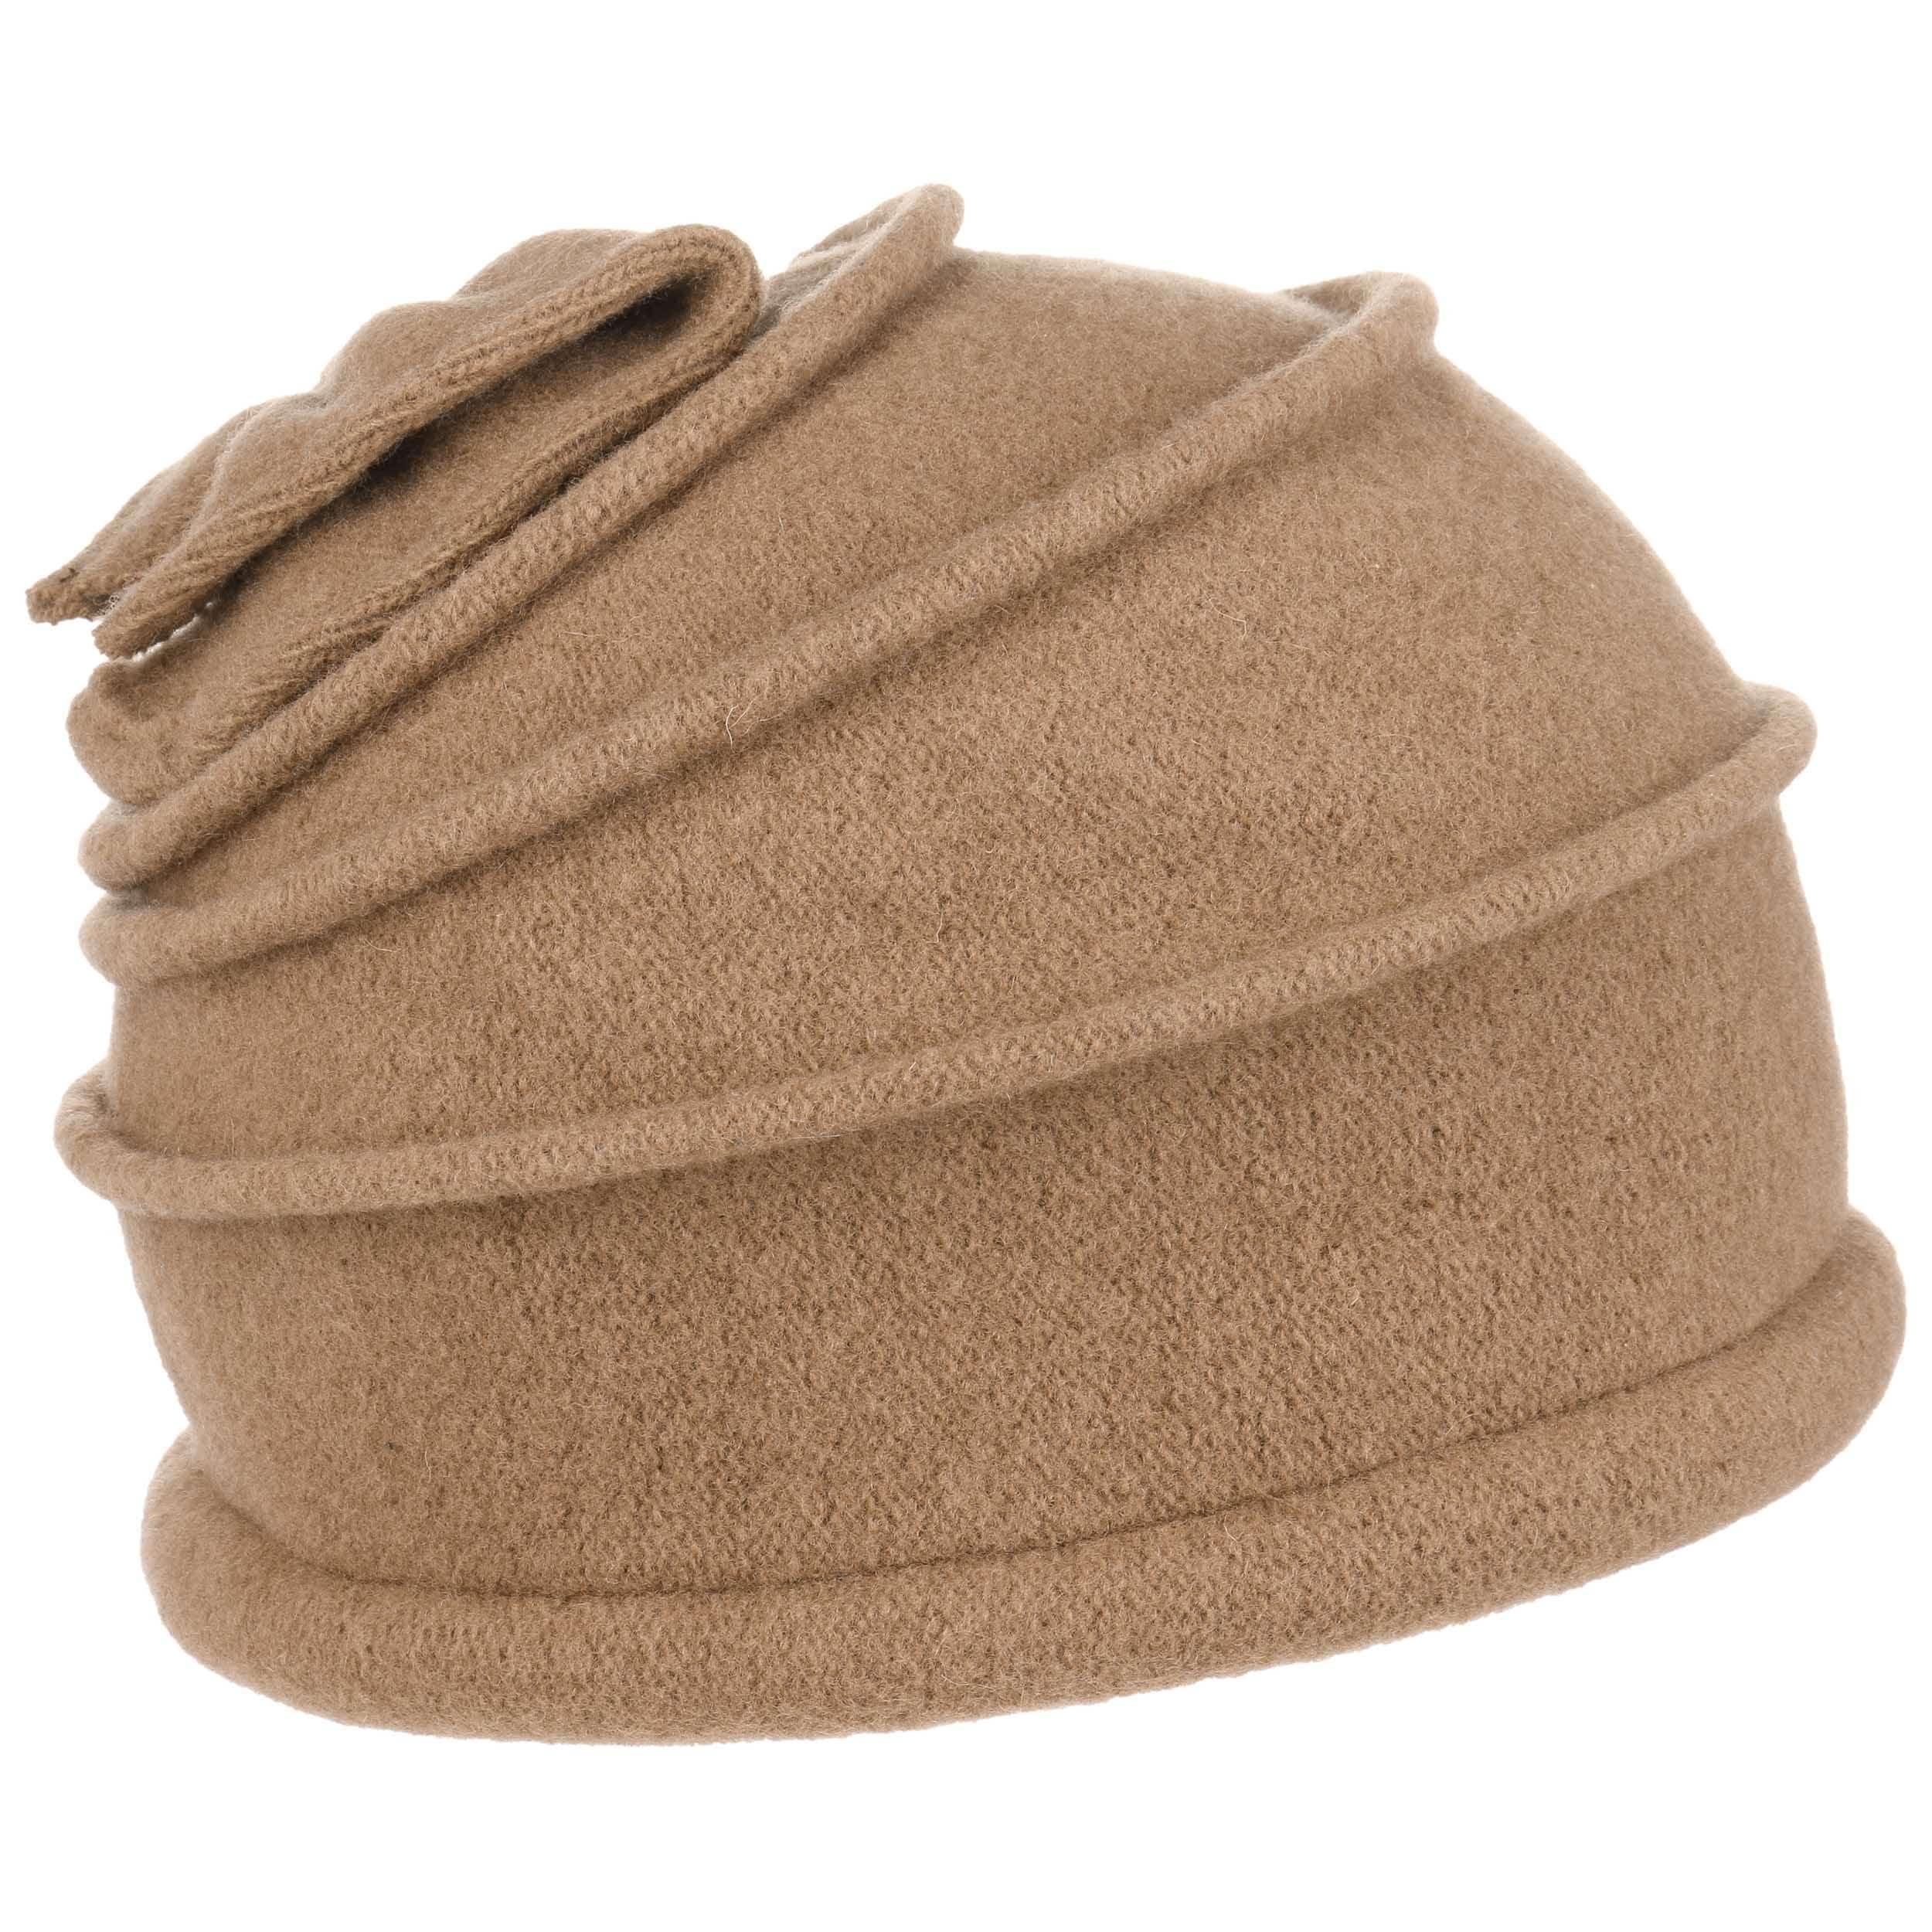 Gorro de Lana Hervida Slouchy by McBURN - Gorros - sombreroshop.es 98982f1a53c